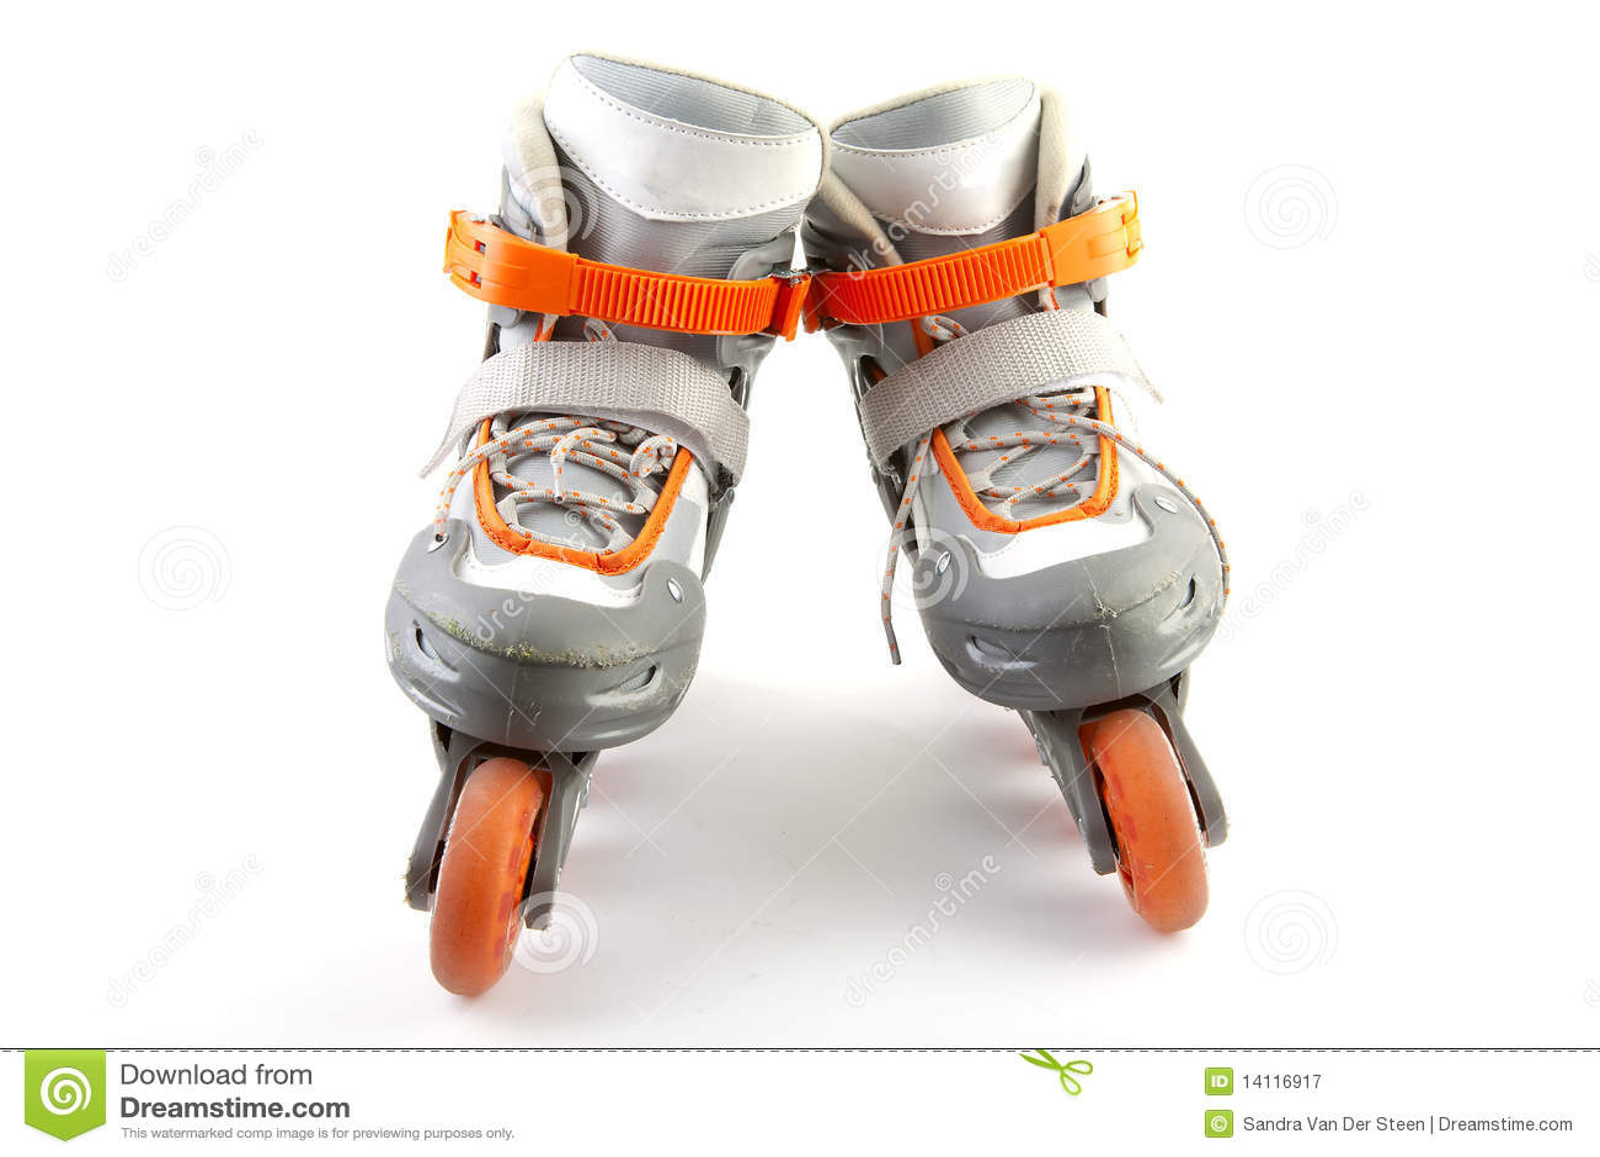 Roller skates for free - Pair Of Roller Skates